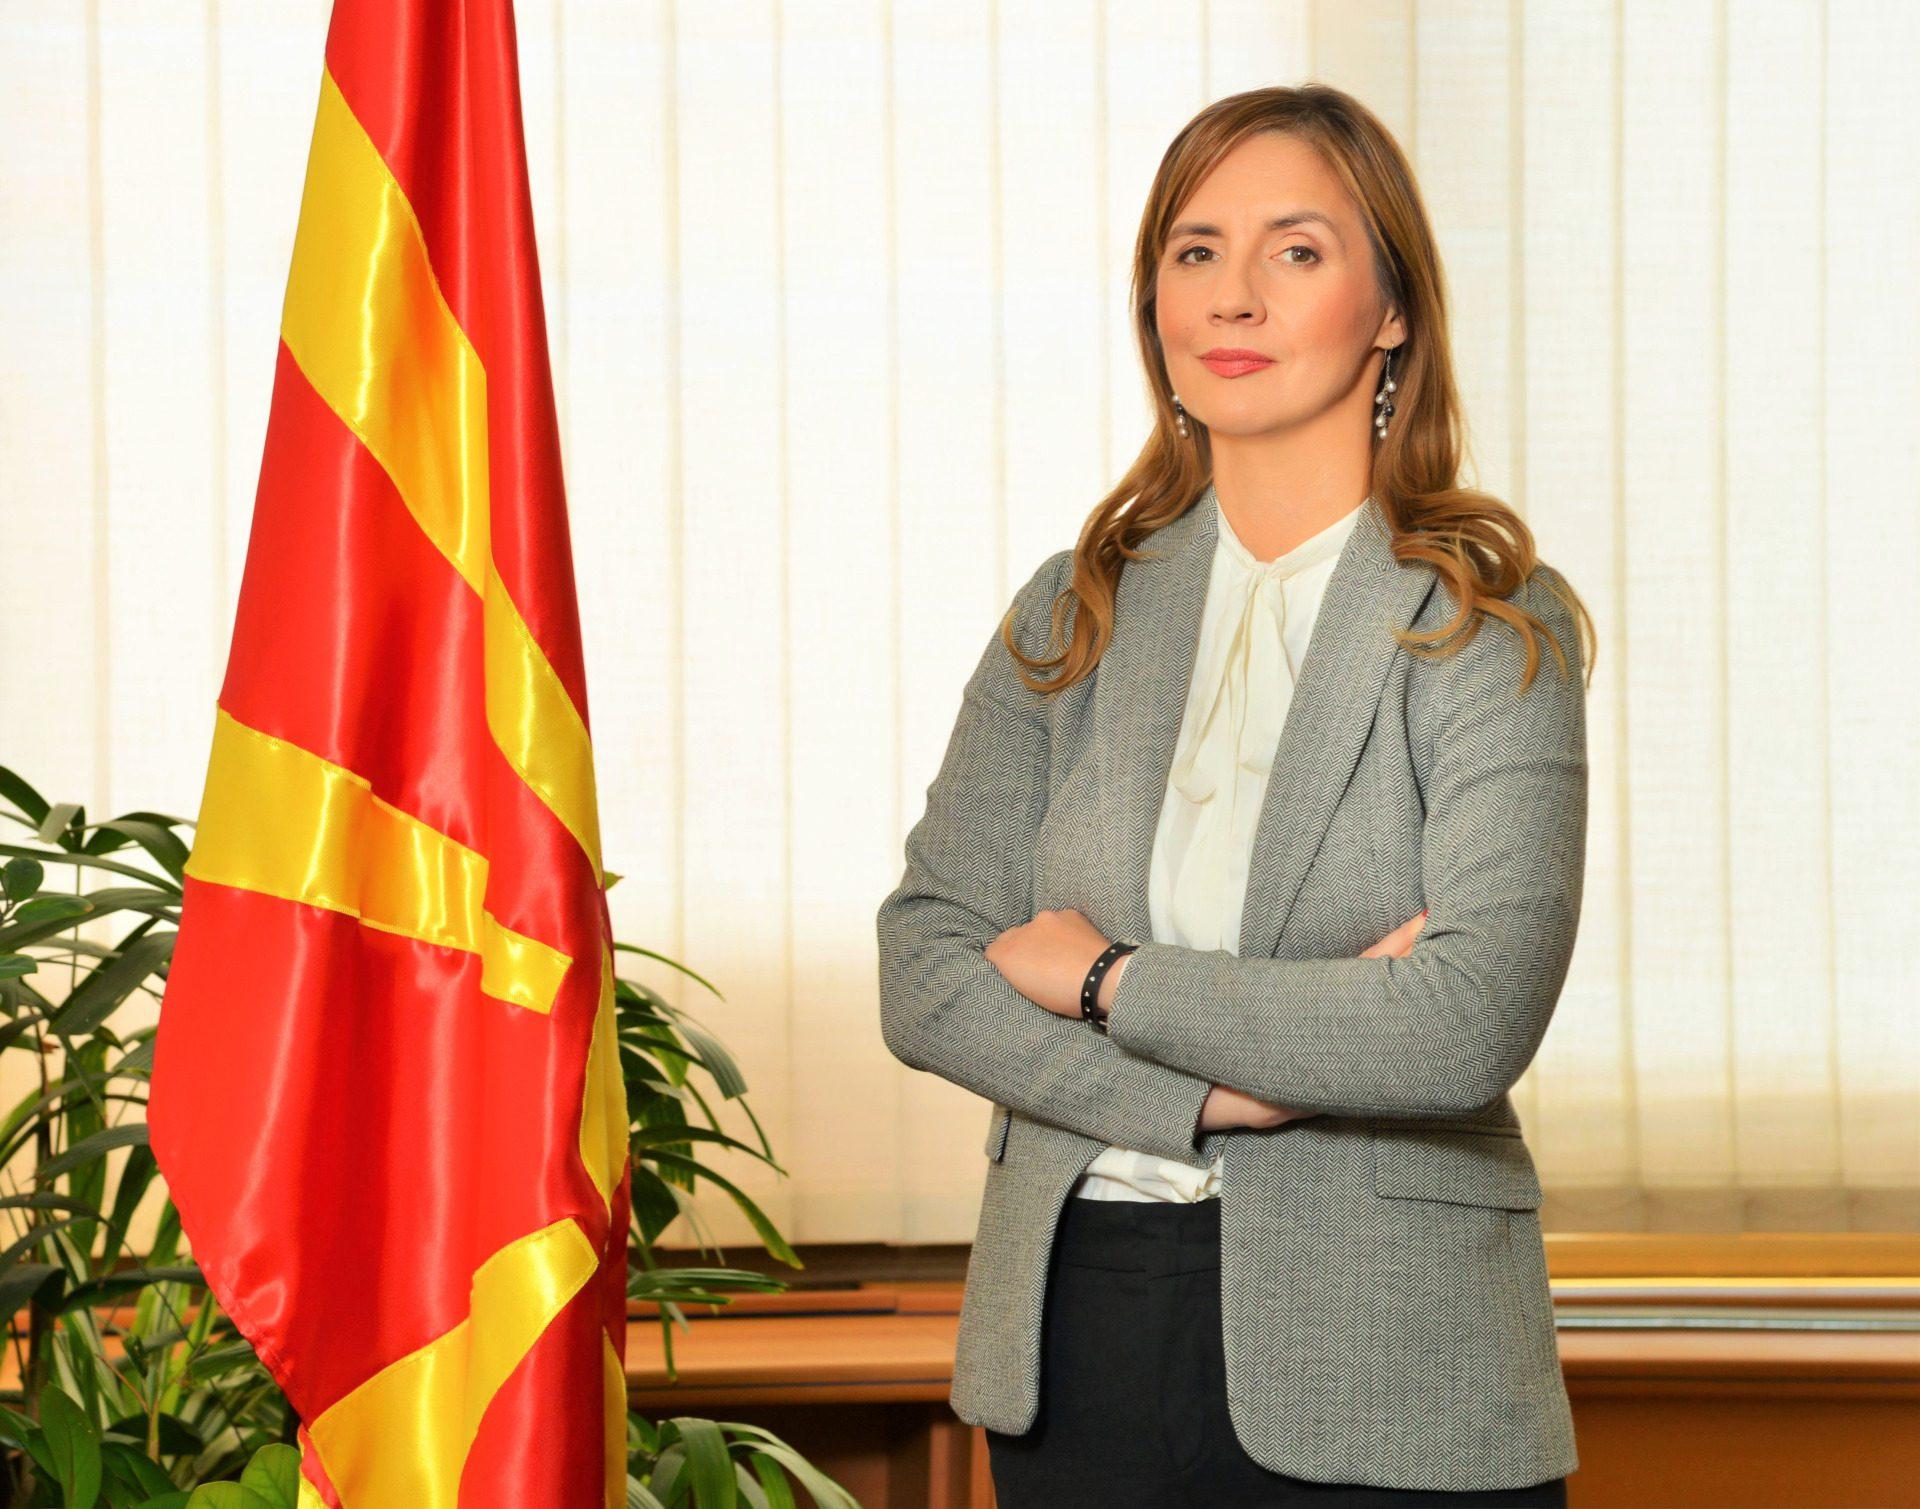 Ангеловска-Бежоска: За побрз раст на малите економии се неопходни поголем извоз и продлабочување на интеграцијата во меѓународната економија